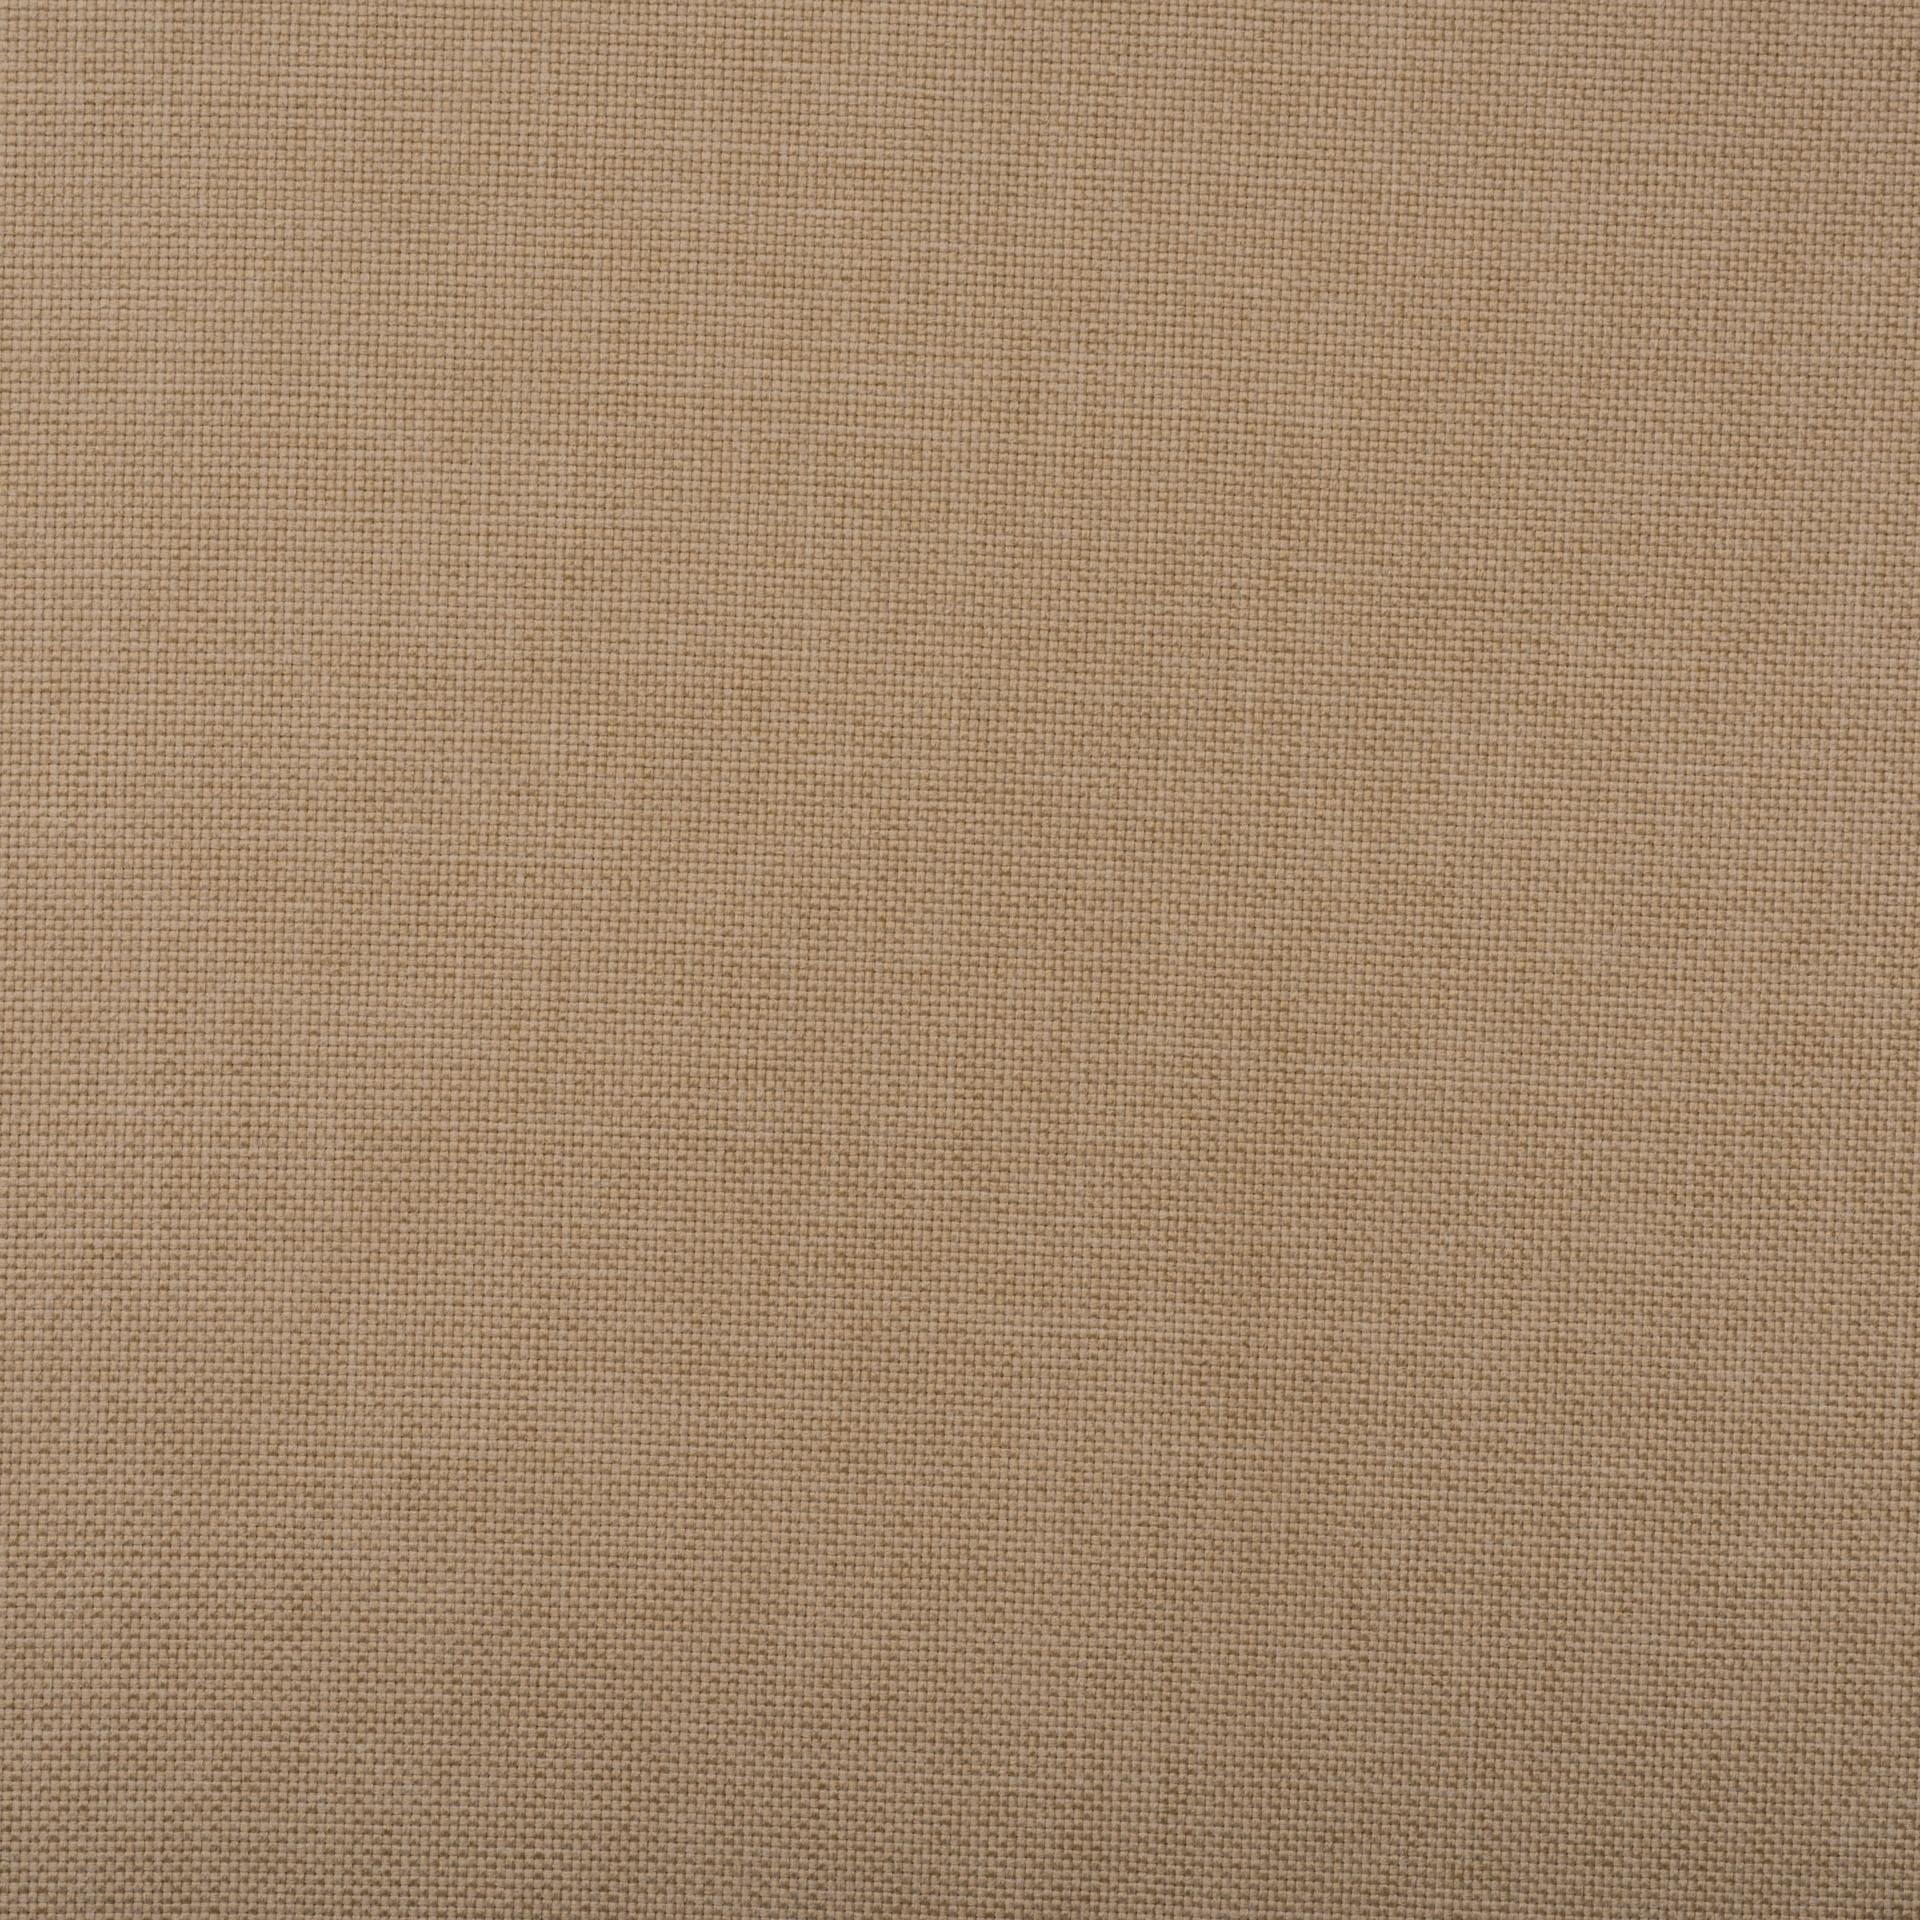 Коллекция ткани Саванна CREAM 01,  купить ткань Жаккард для мебели Украина